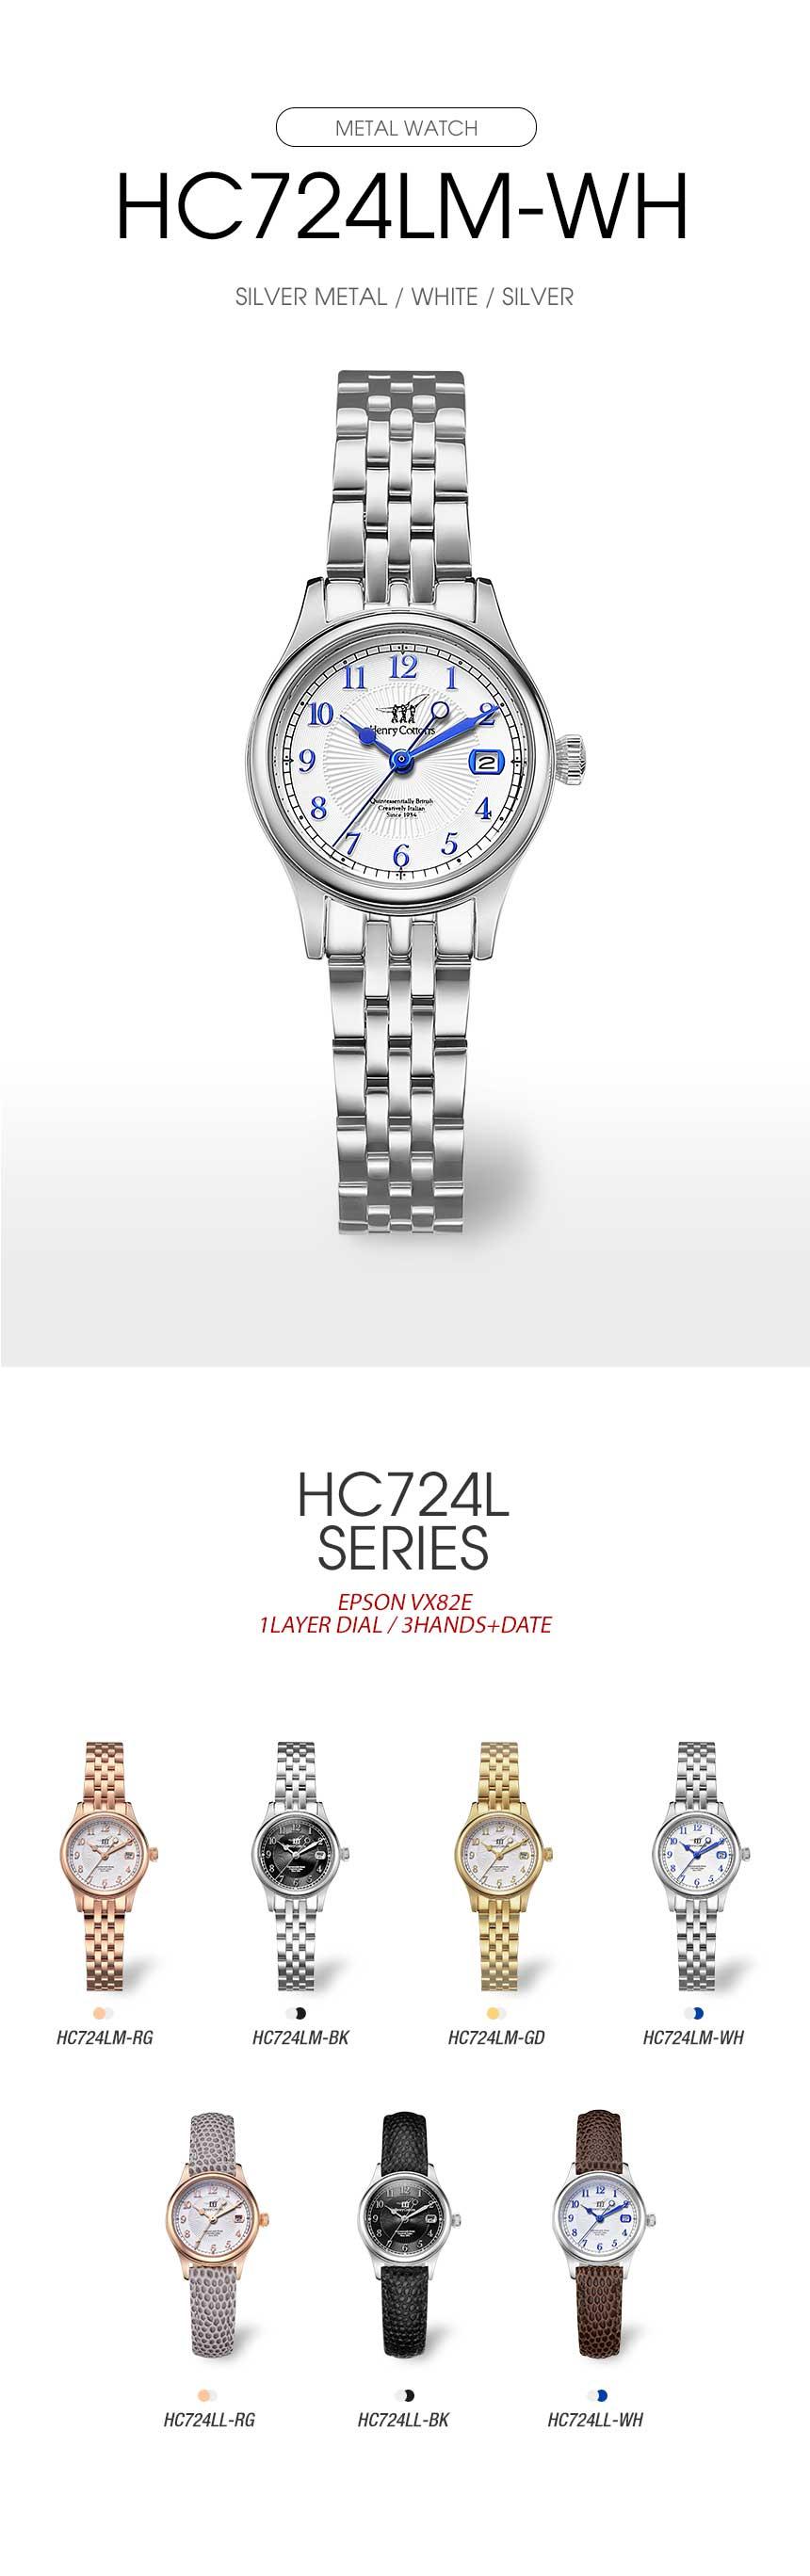 헨리코튼(HENRY COTTON'S) 여자 데이트 메탈시계 HC724LM-WH